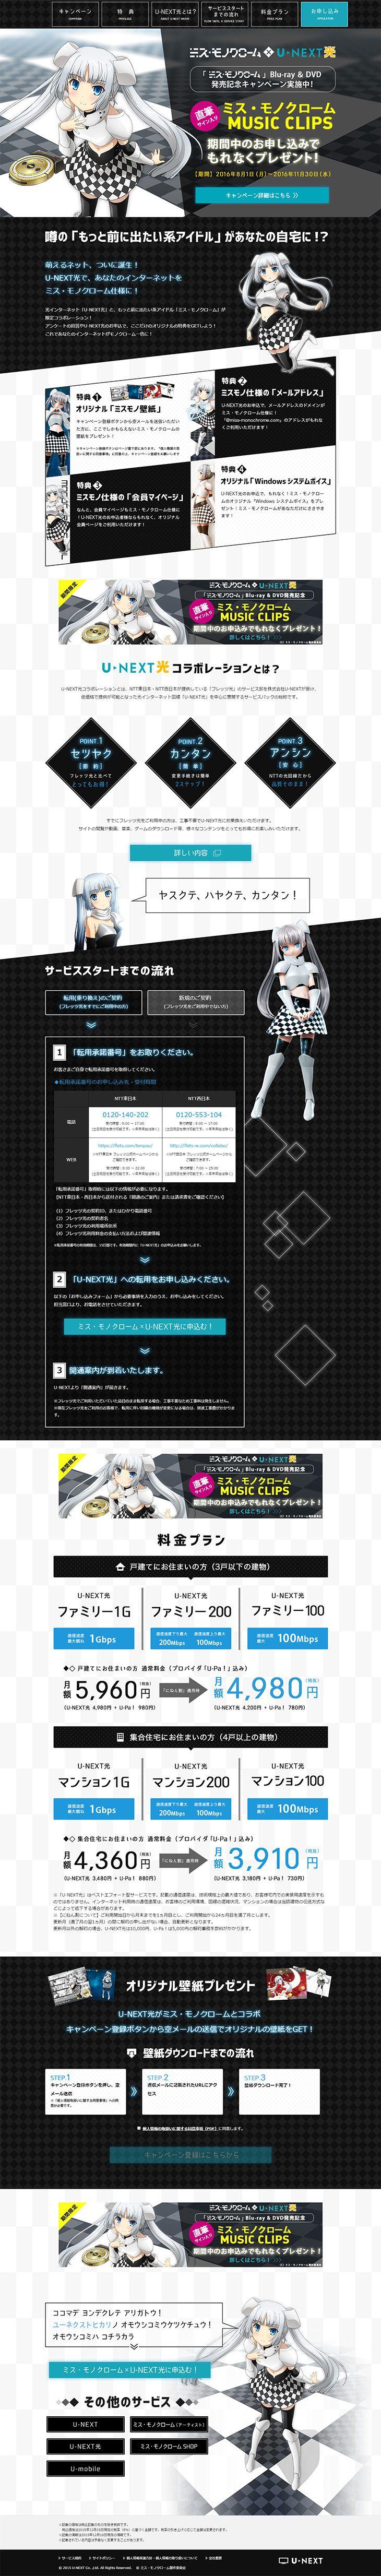 ミス・モノクローム×U-NEXT光【インターネットサービス関連】のLPデザイン。WEBデザイナーさん必見!ランディングページのデザイン参考に(にぎやか系)